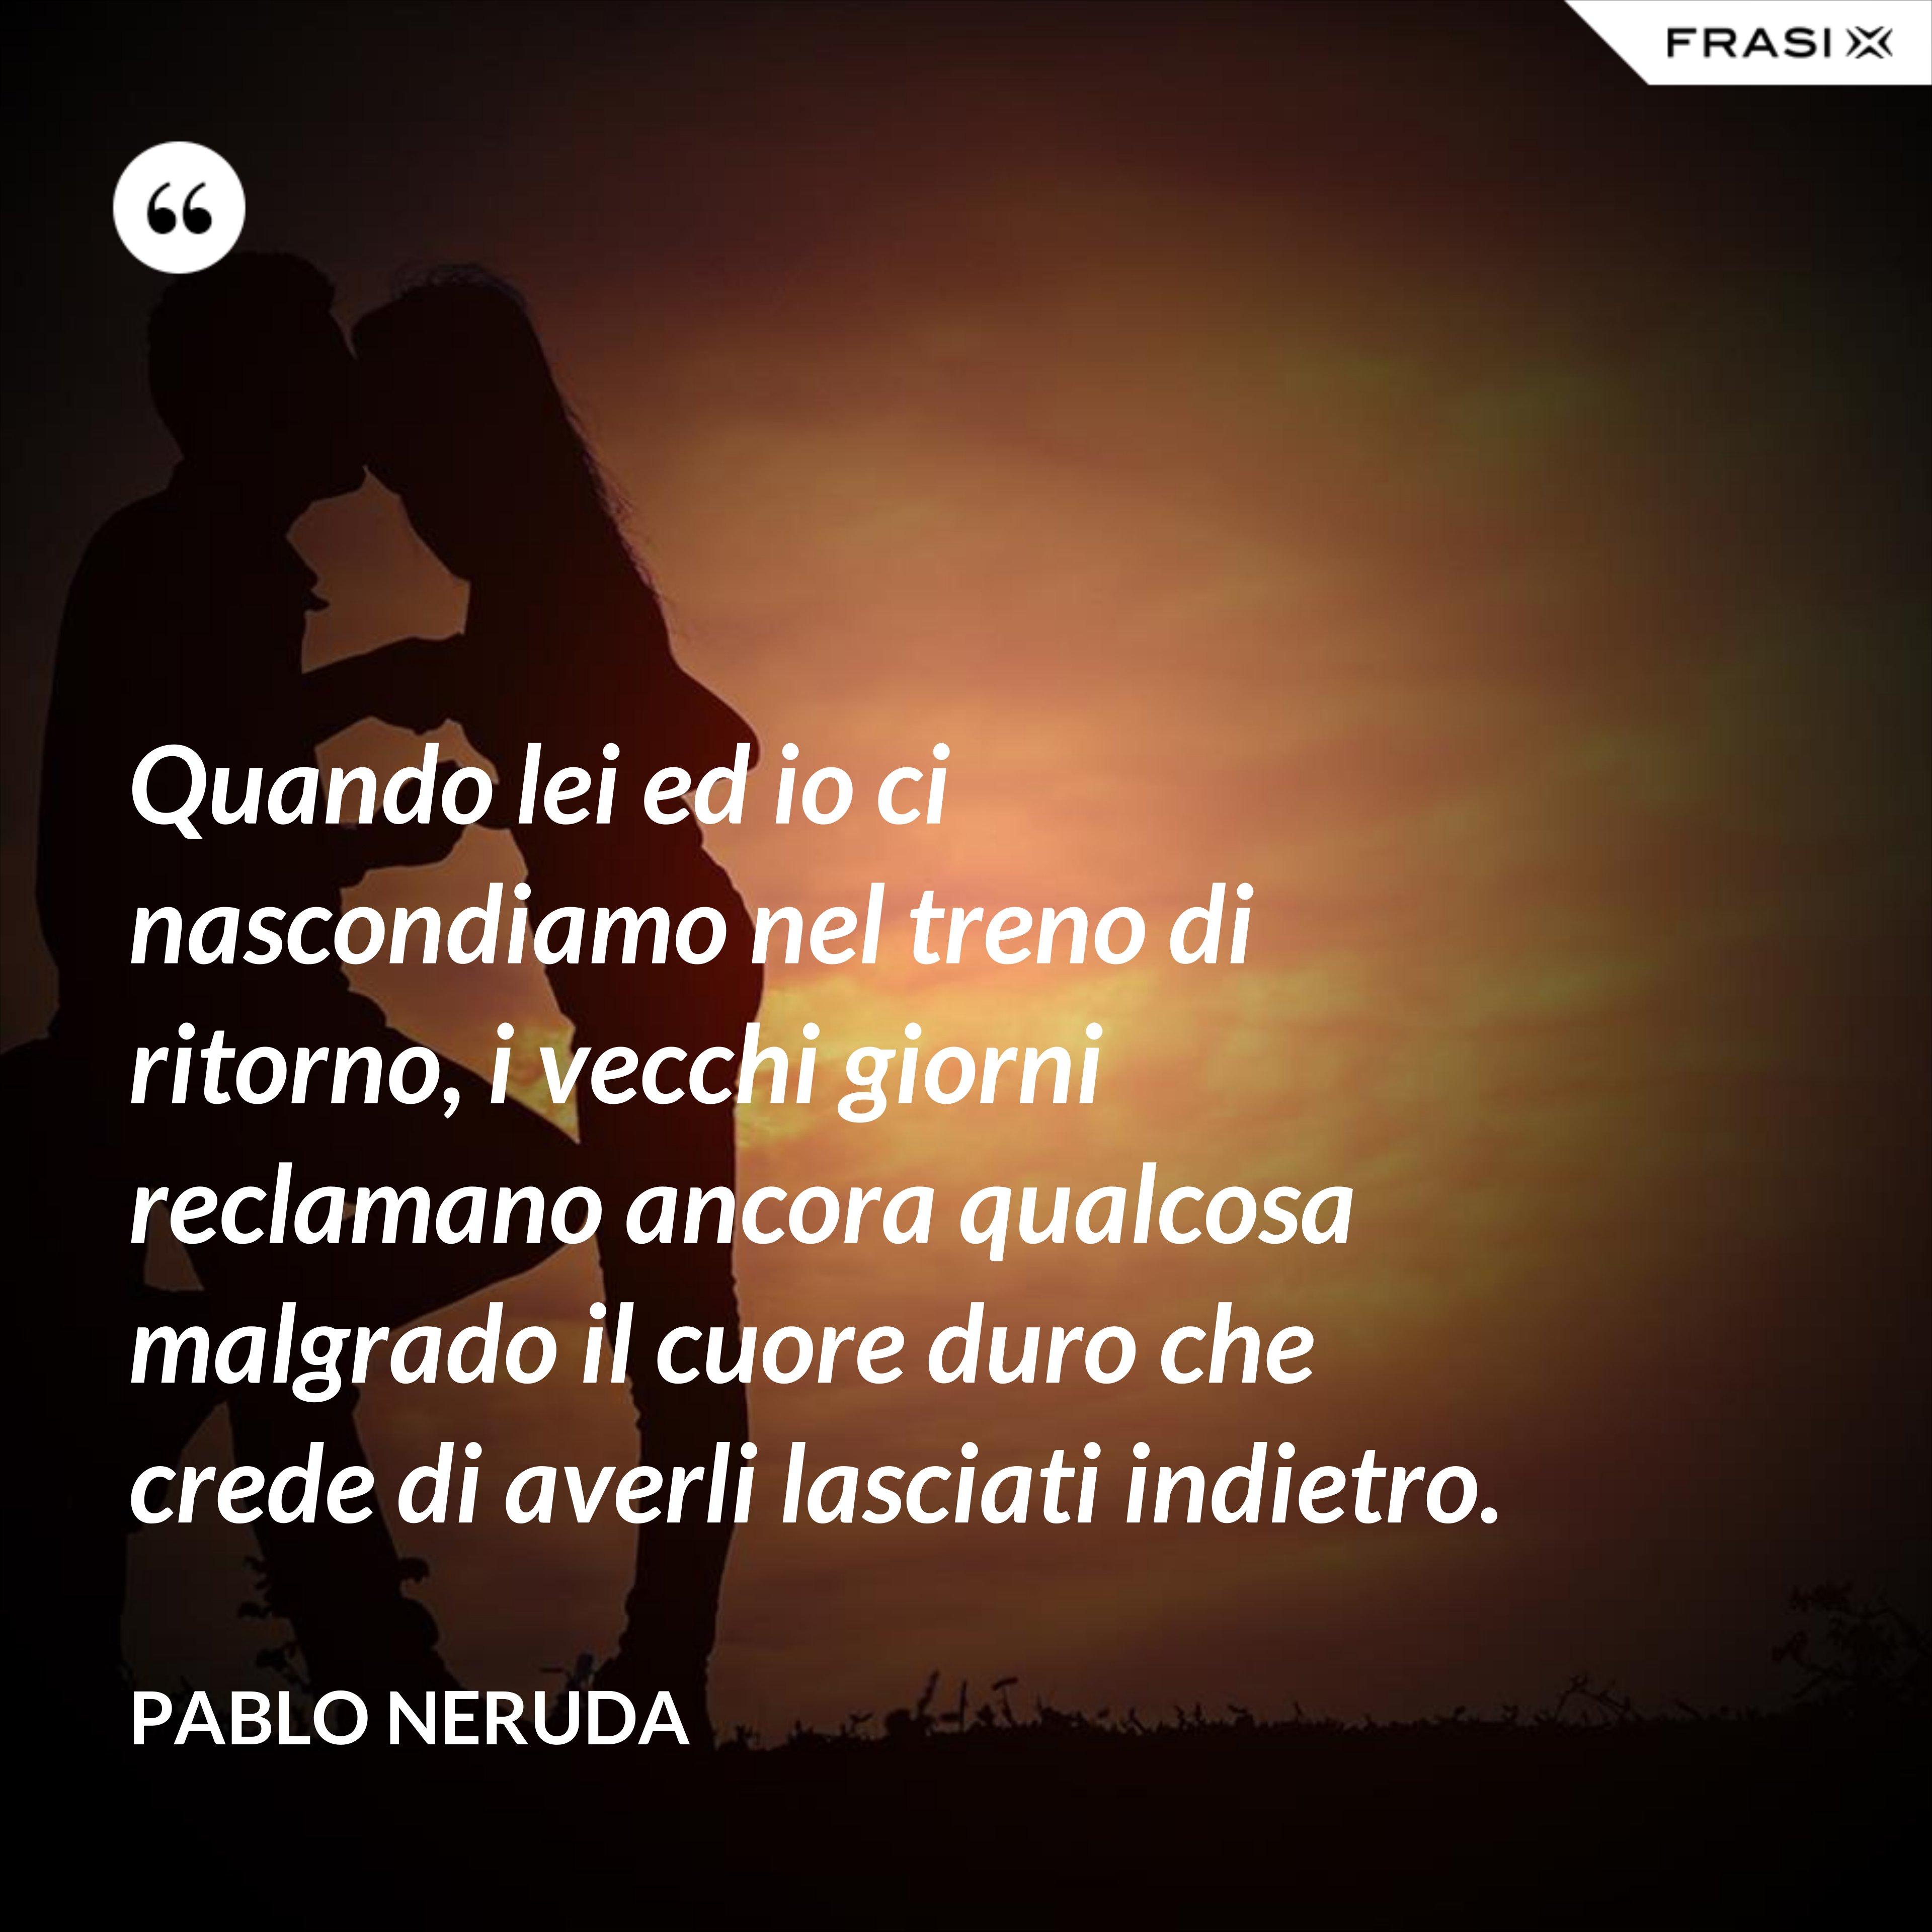 Quando lei ed io ci nascondiamo nel treno di ritorno, i vecchi giorni reclamano ancora qualcosa malgrado il cuore duro che crede di averli lasciati indietro. - Pablo Neruda